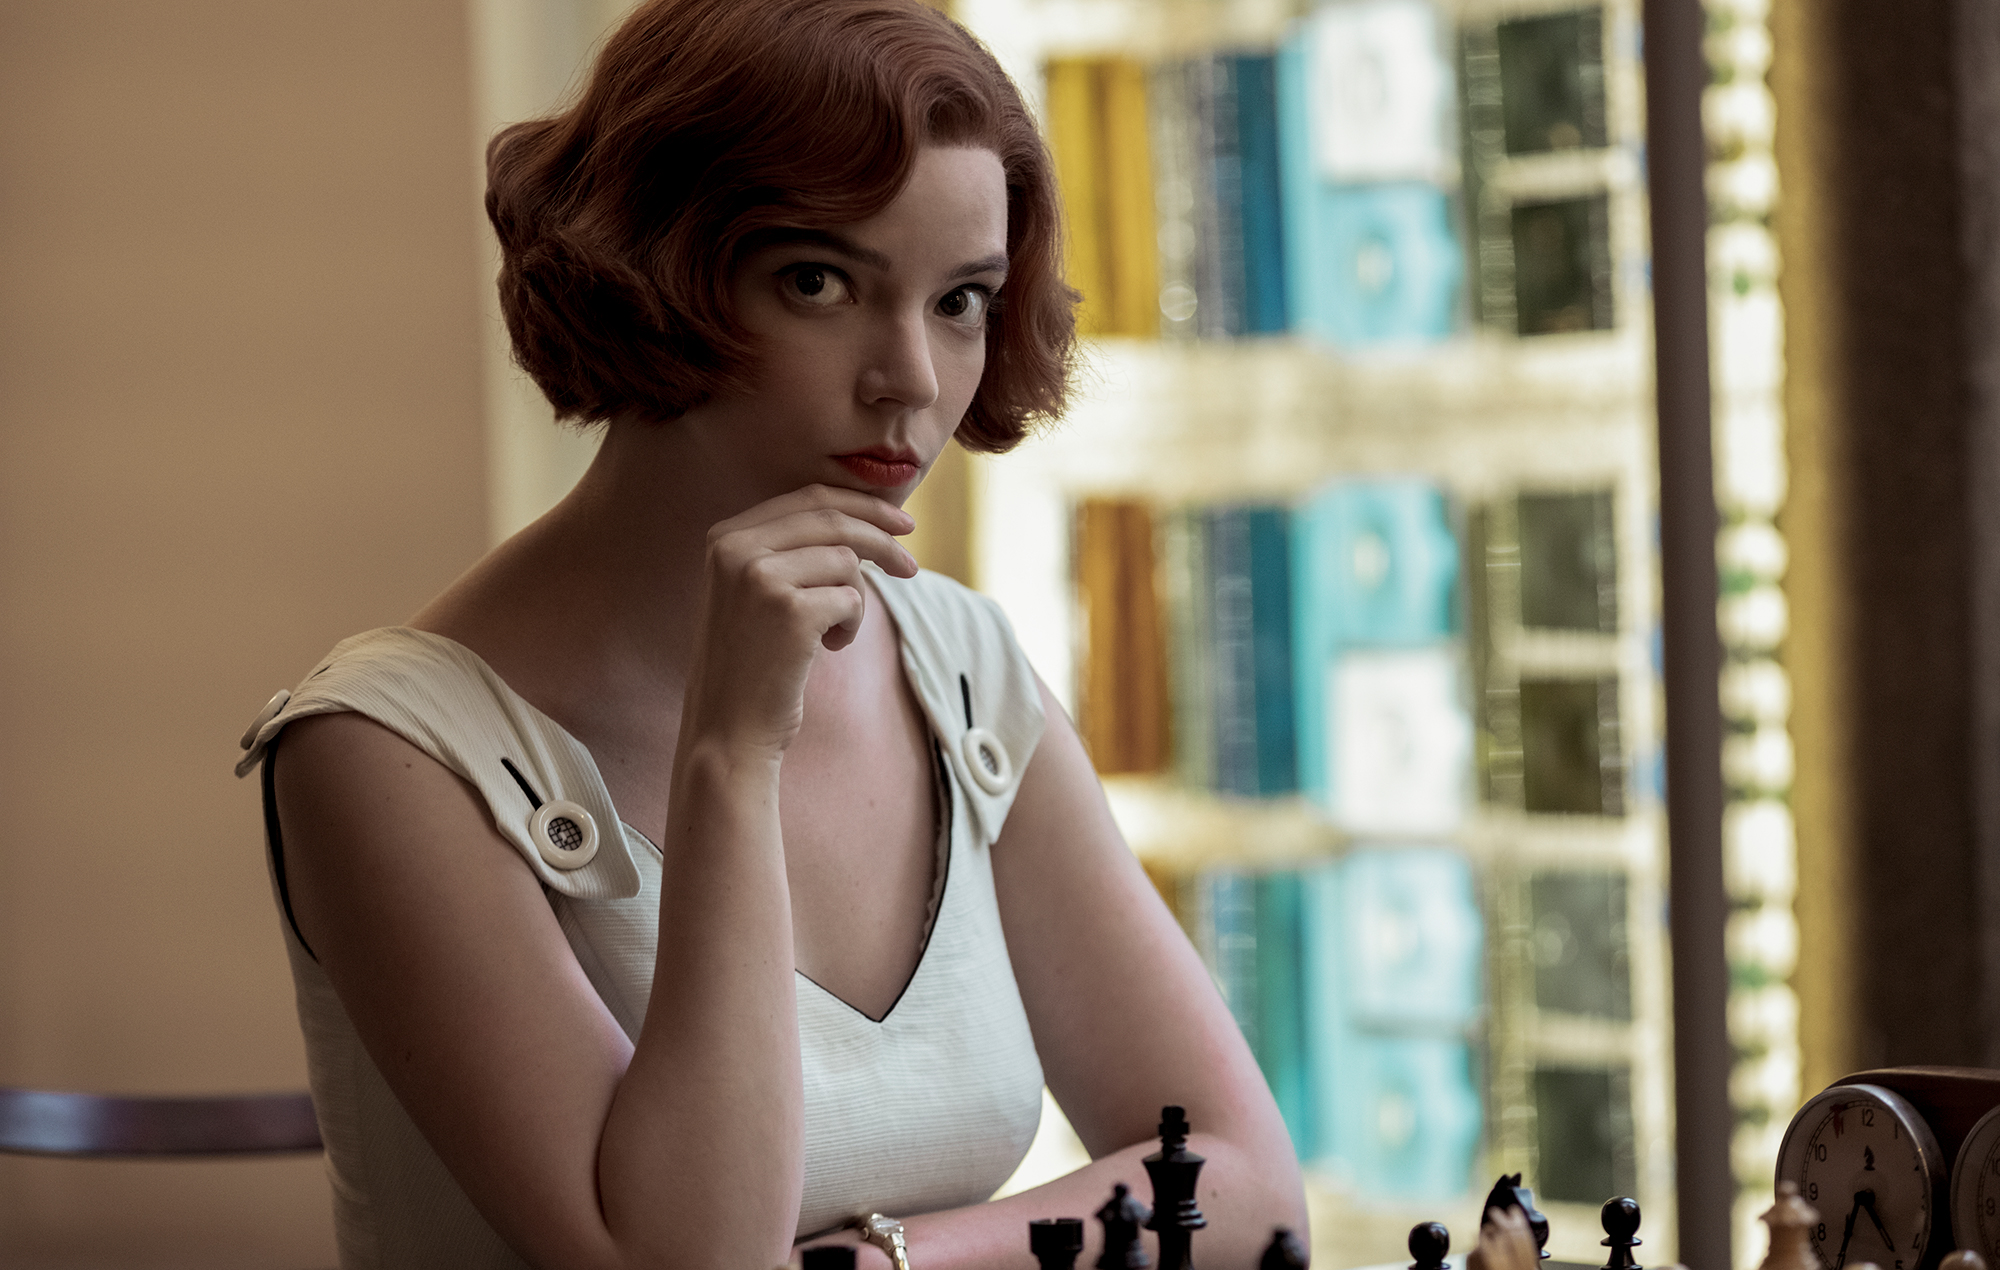 La regina degli scacchi: trama, cast, trailer, data uscita su Netflix